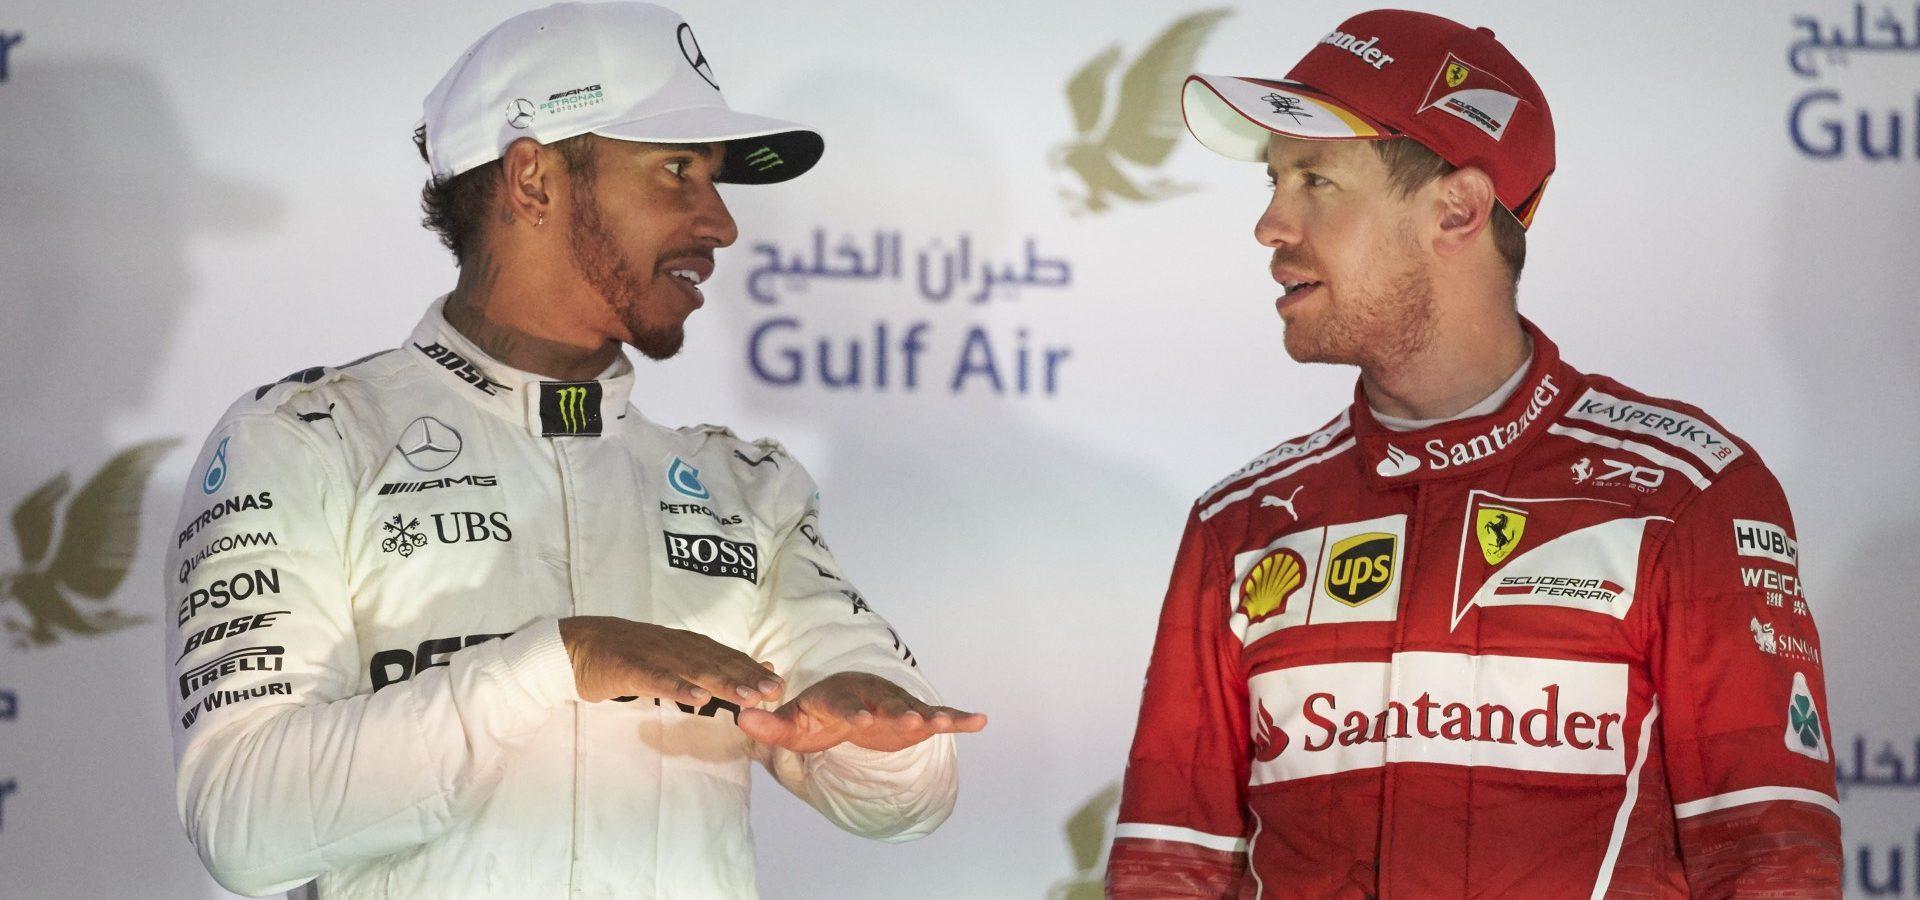 Großer Preis von Bahrain 2017, Sonntag - Steve Etherington, Lewis Hamilton, Mercedes, Sebastian Vettel, Ferrari